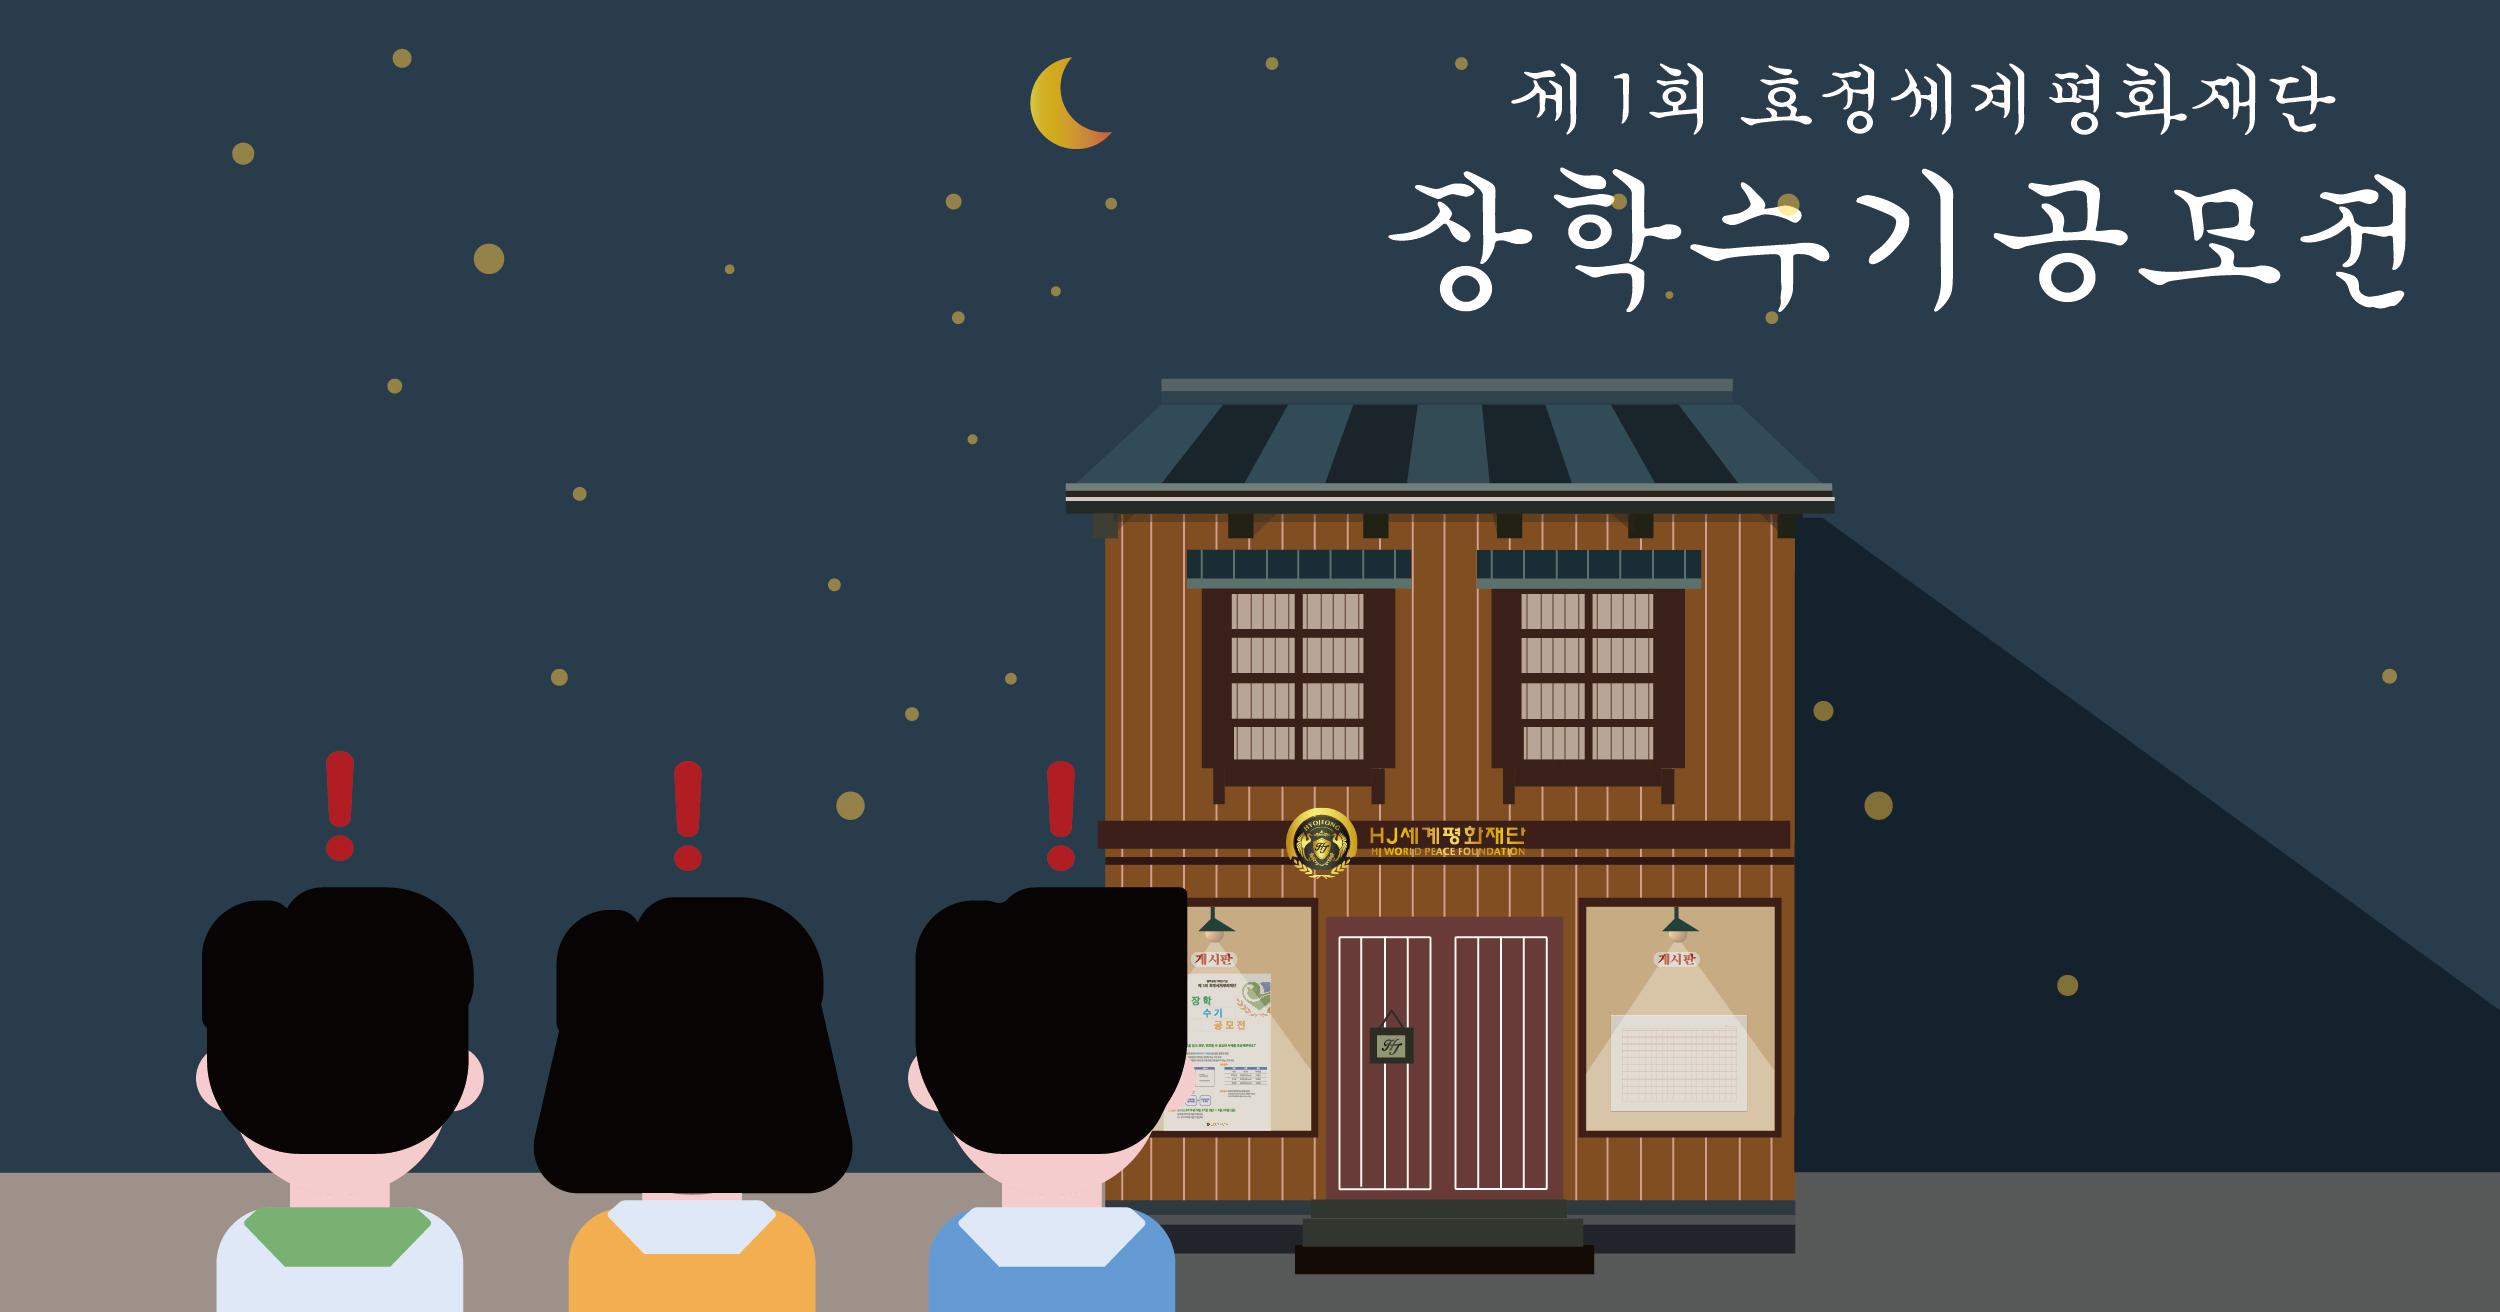 수기카드뉴스만들어보자-01.jpg